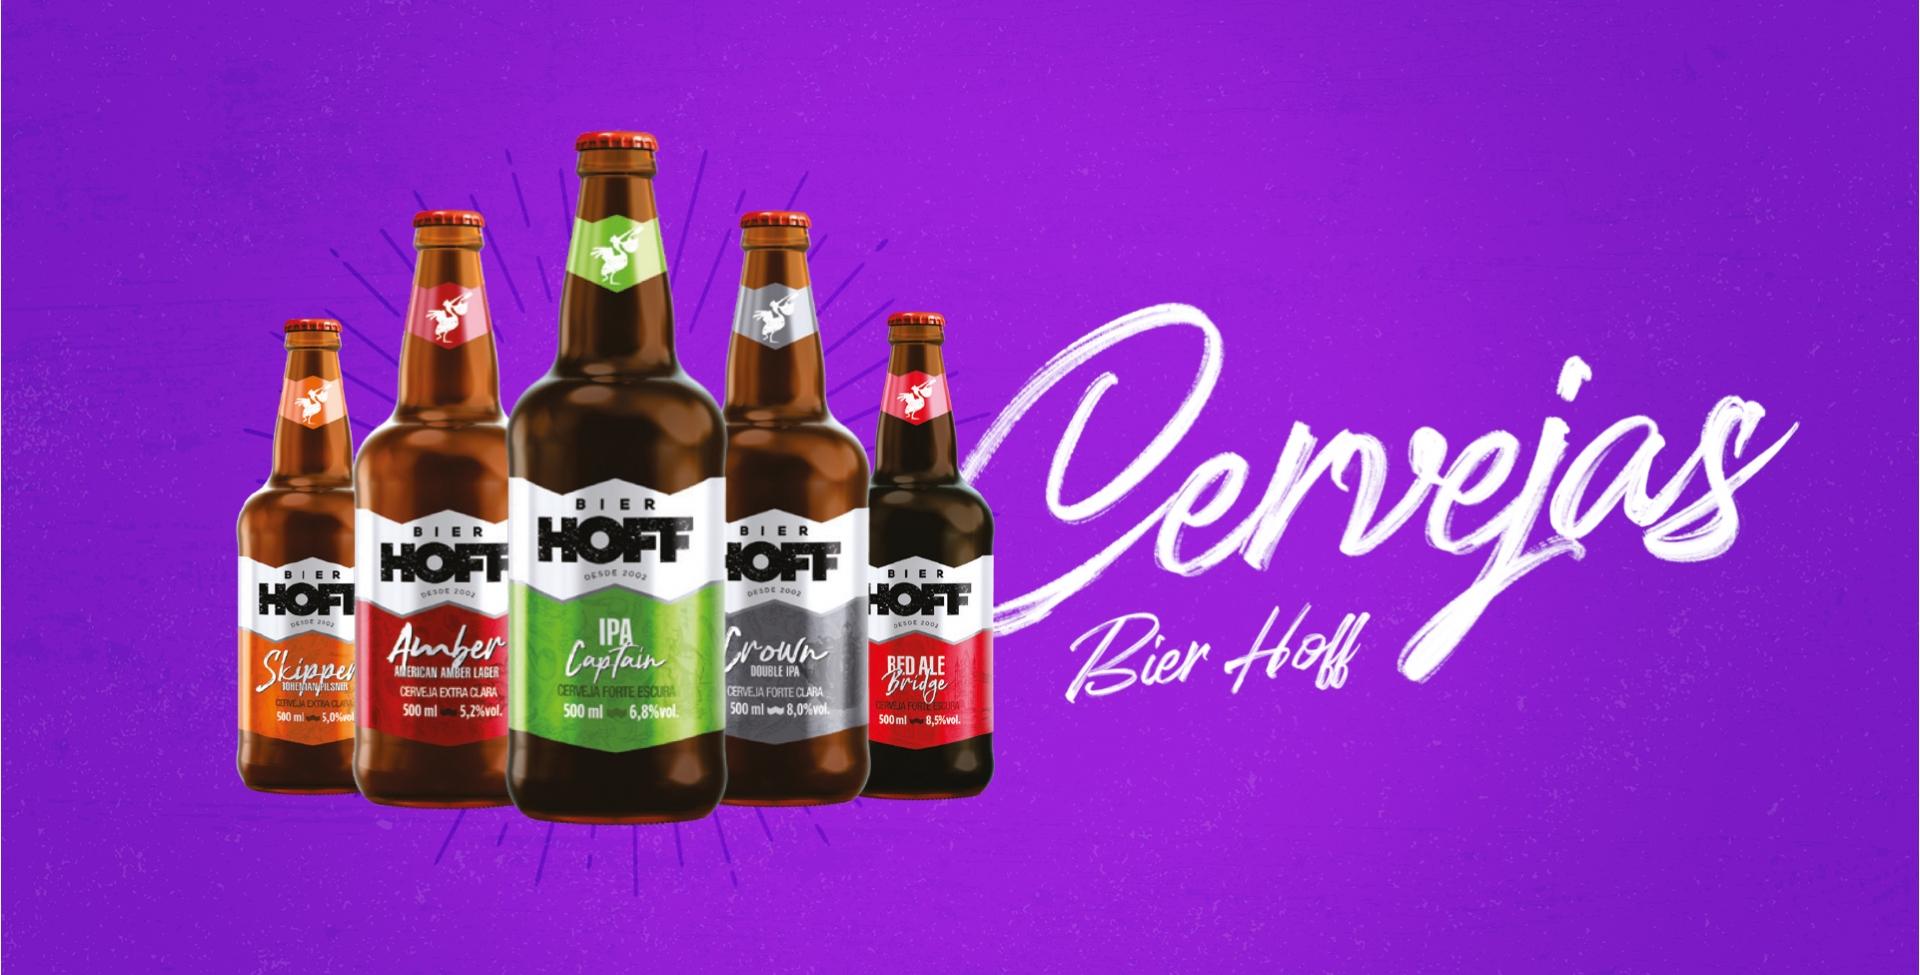 Cervejas Bier Hoff